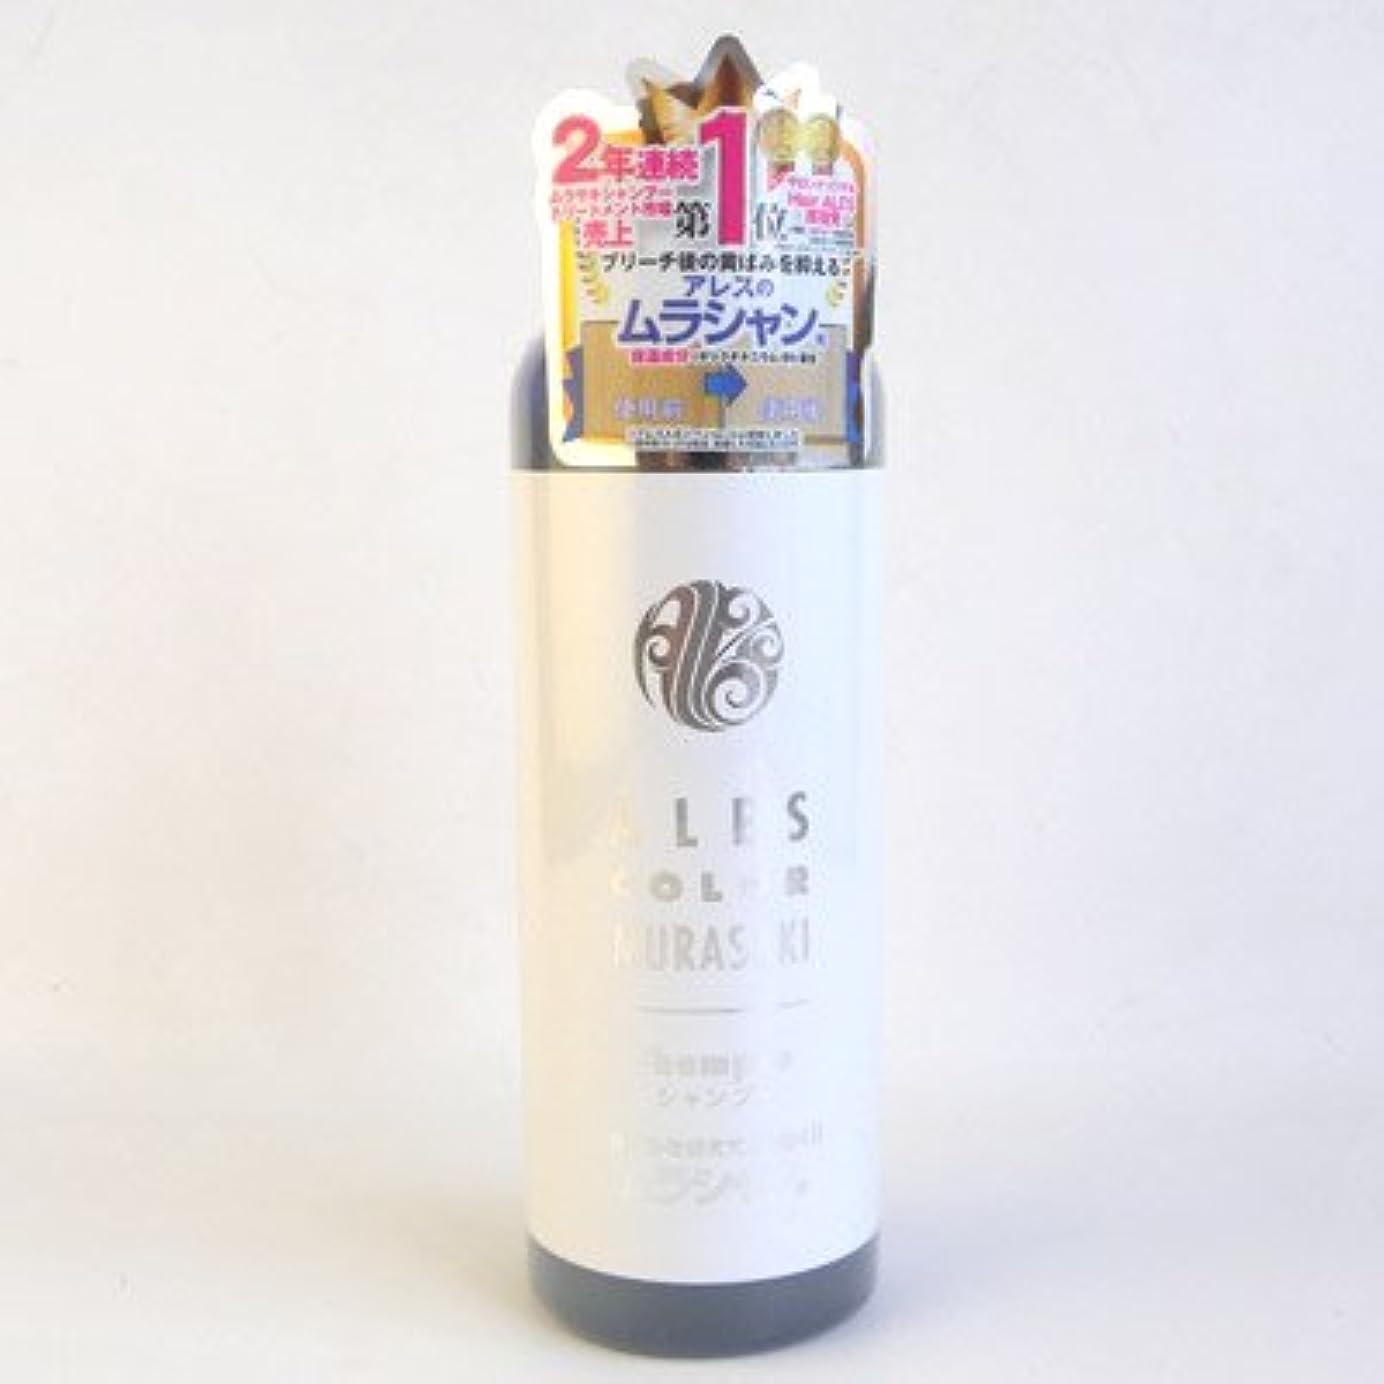 後継酸化するリレー【アレスカラー】ムラサキシャンプー 200ml